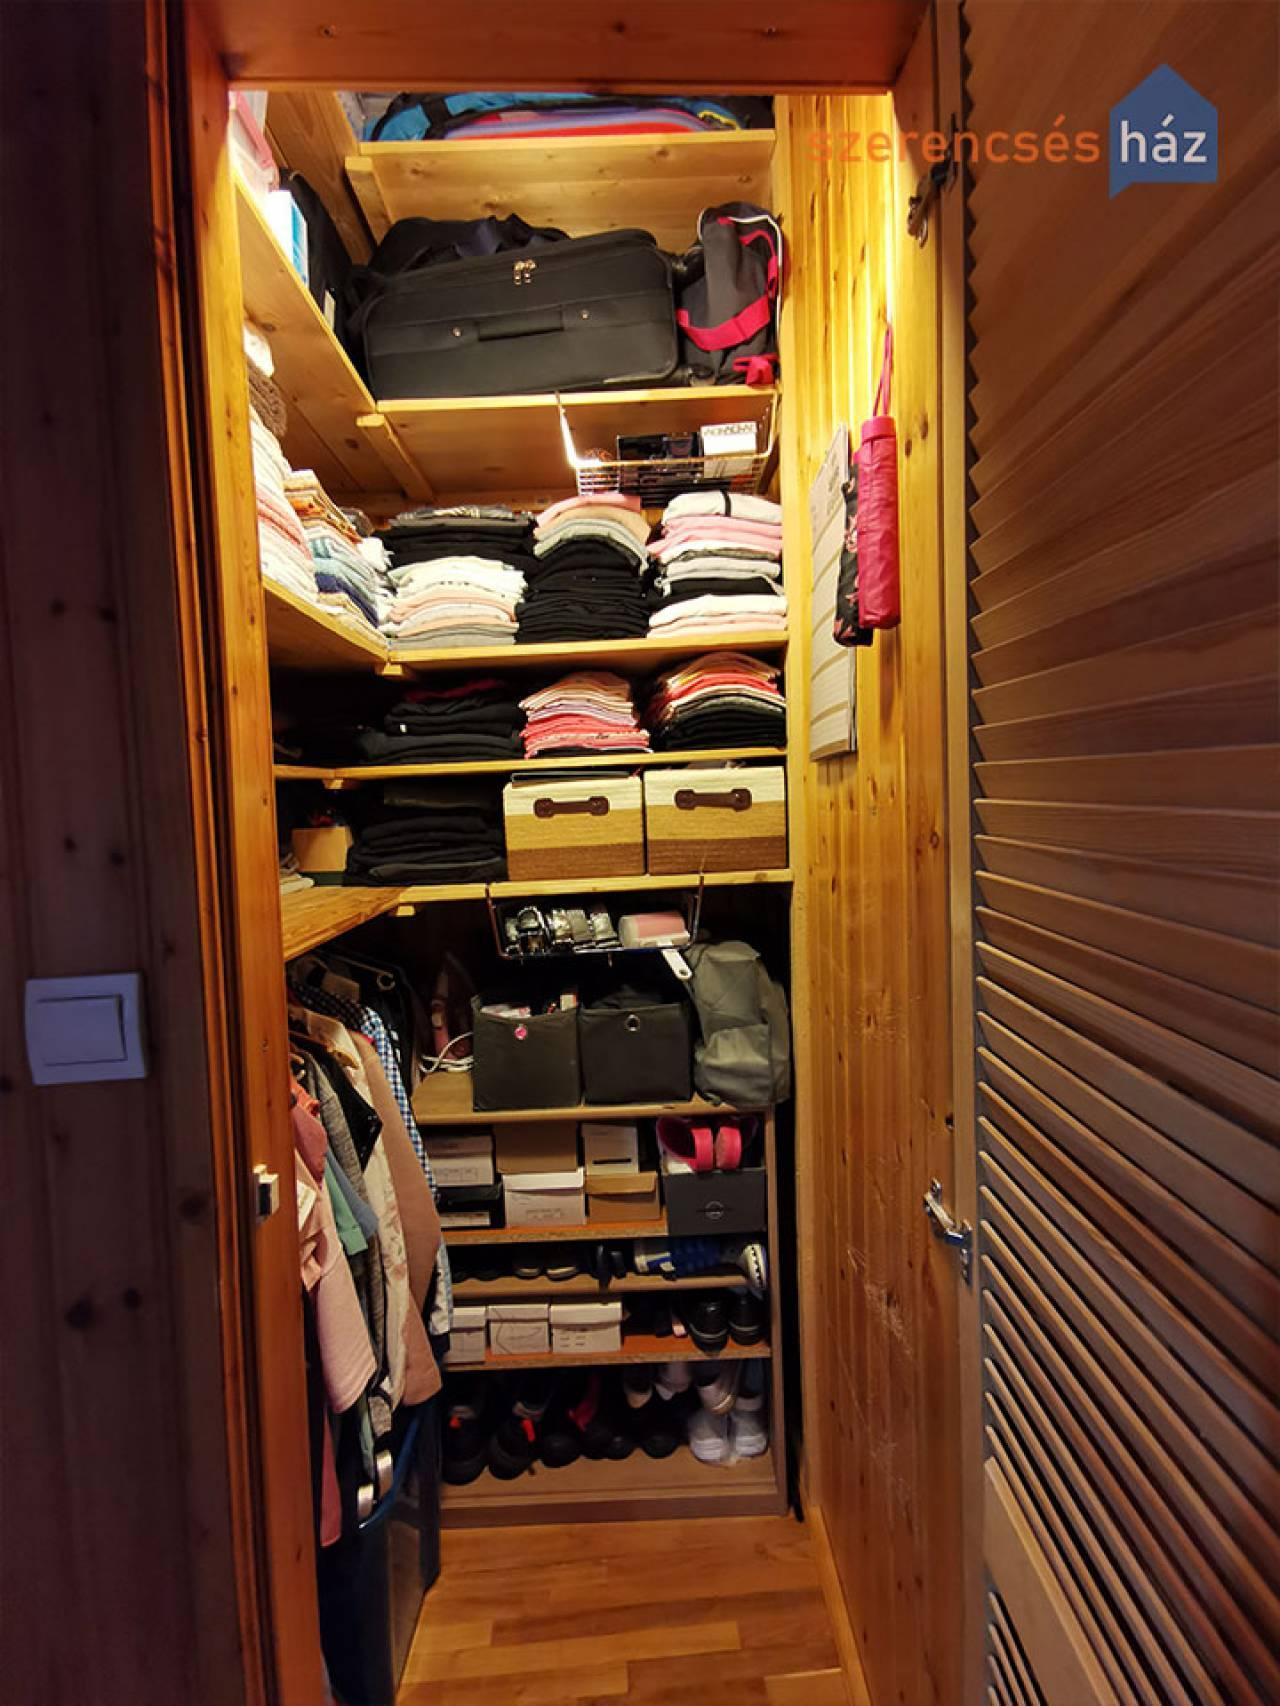 I, emeleti kis lakás tárolóval